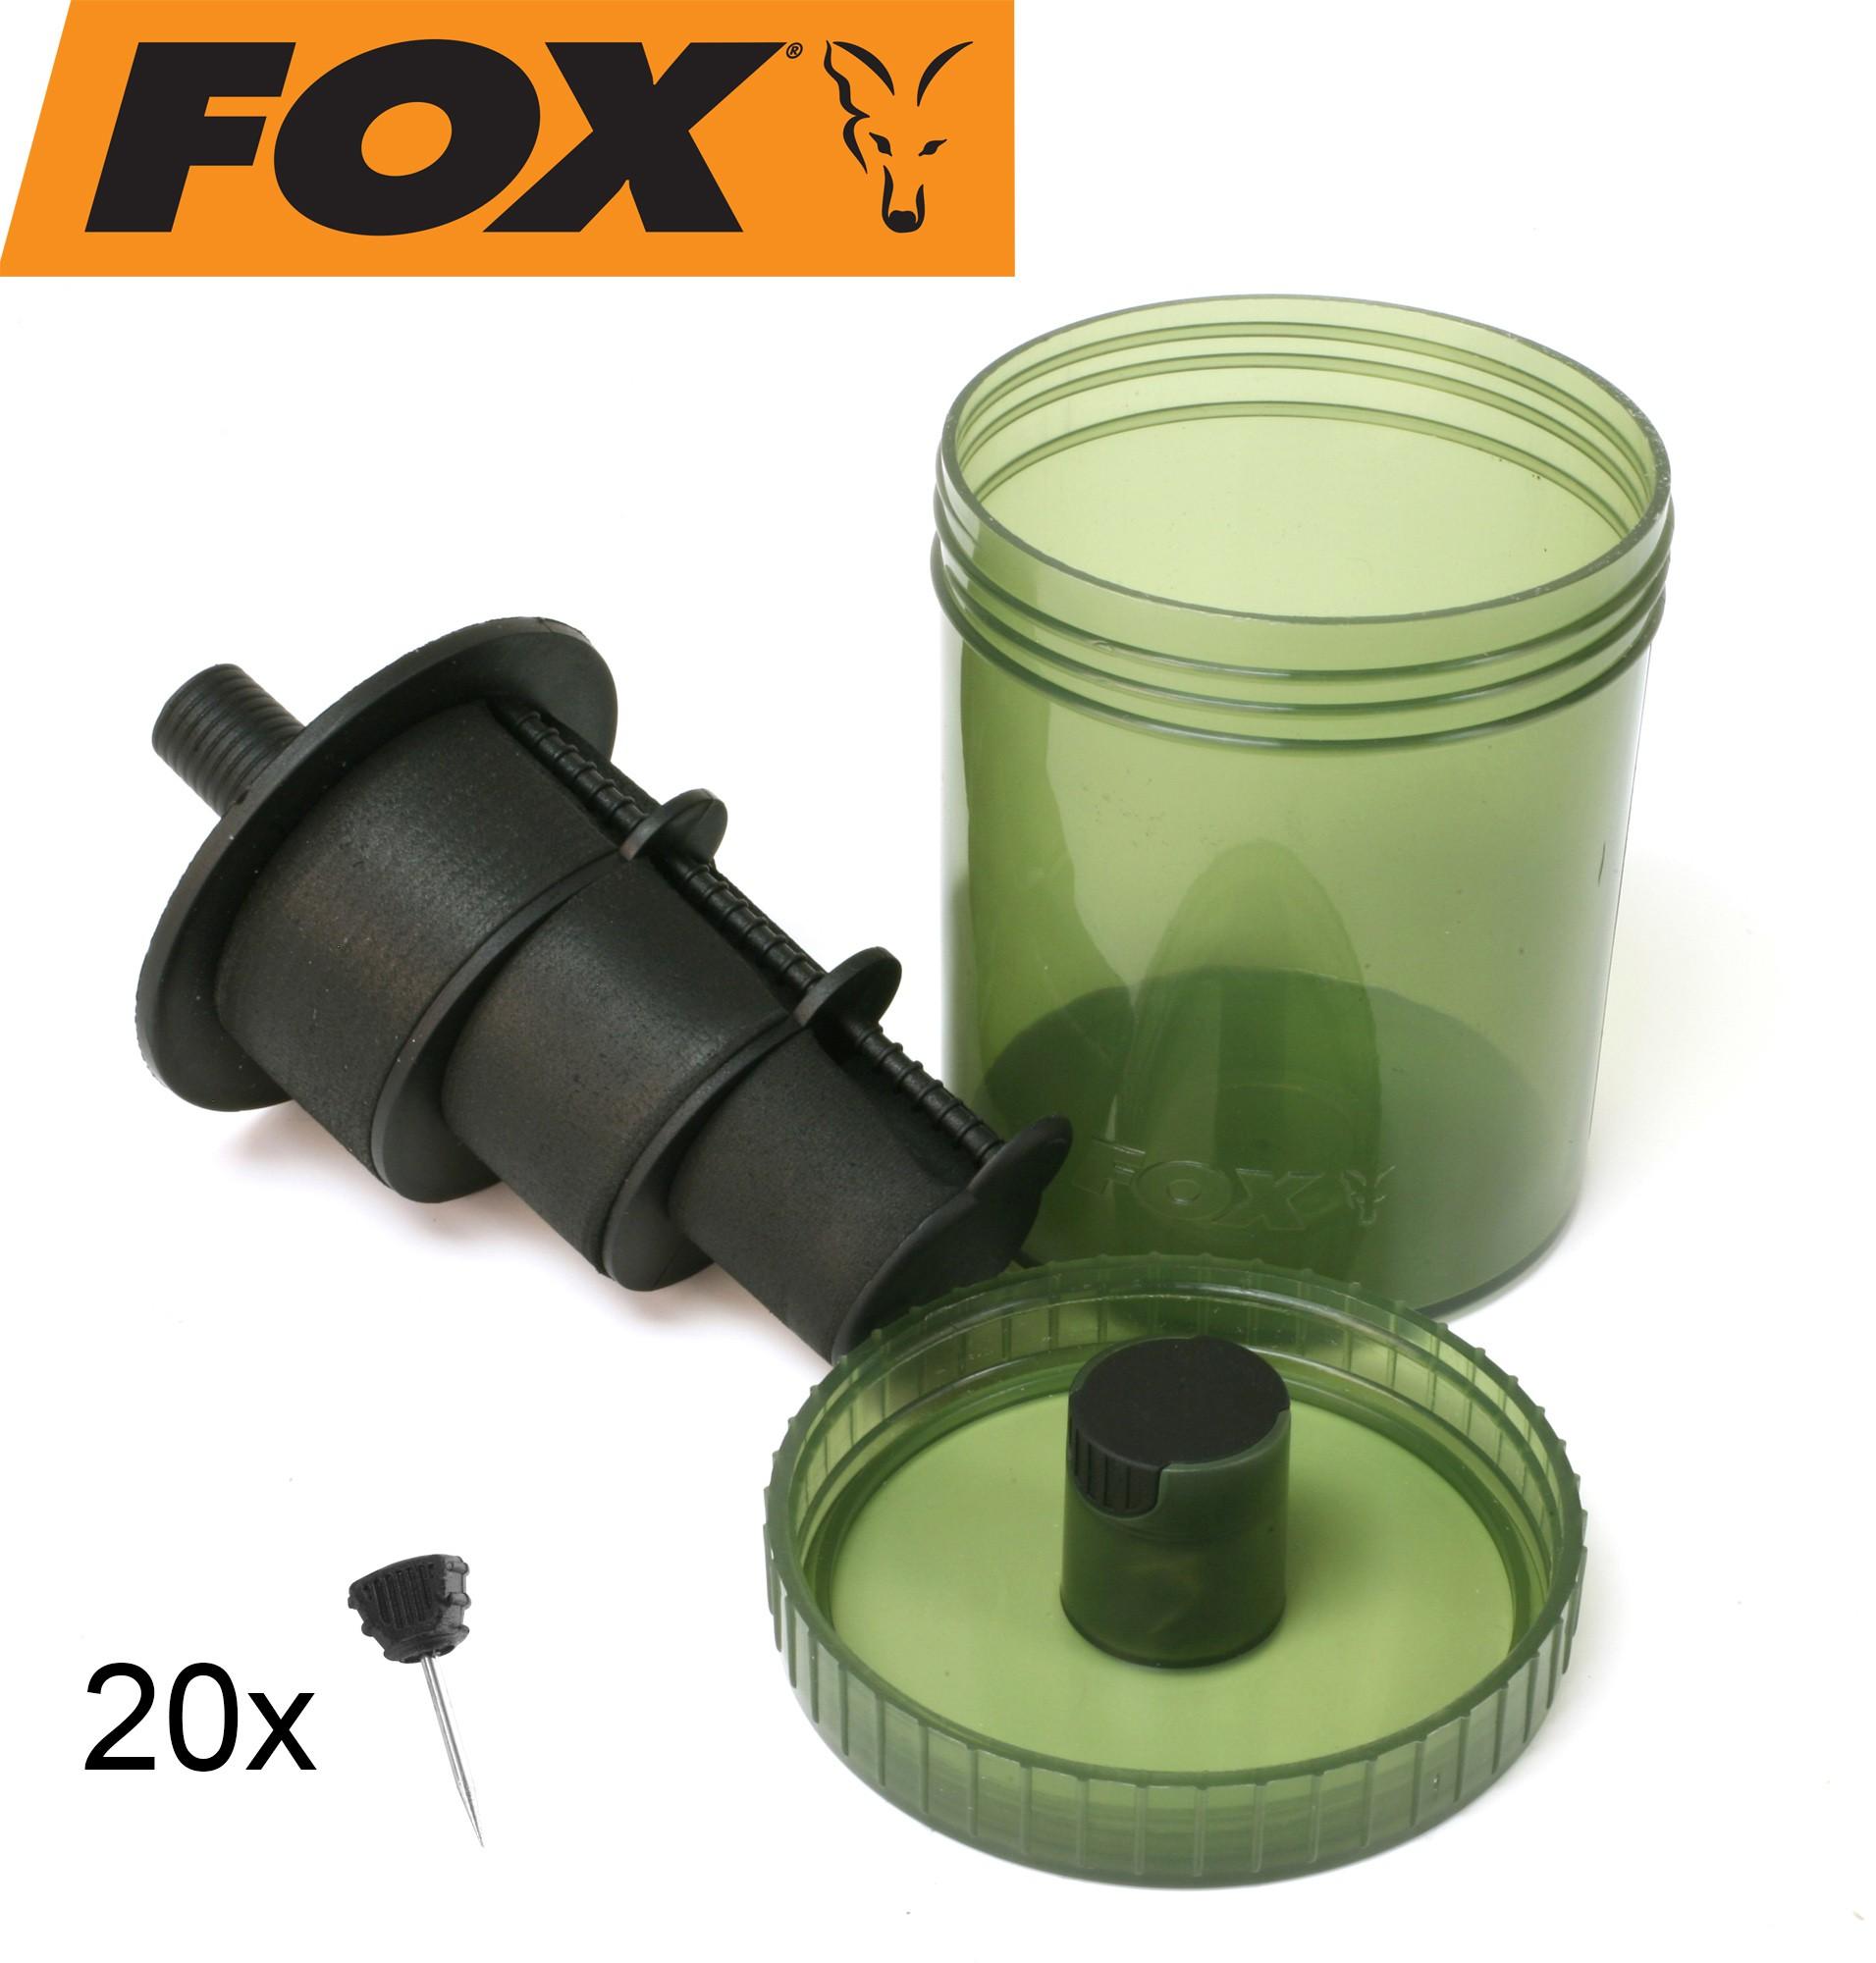 Vorfachbox Angelbox Fox Steam and Store Chod Withy Bin Rigbox Kleinteilebox